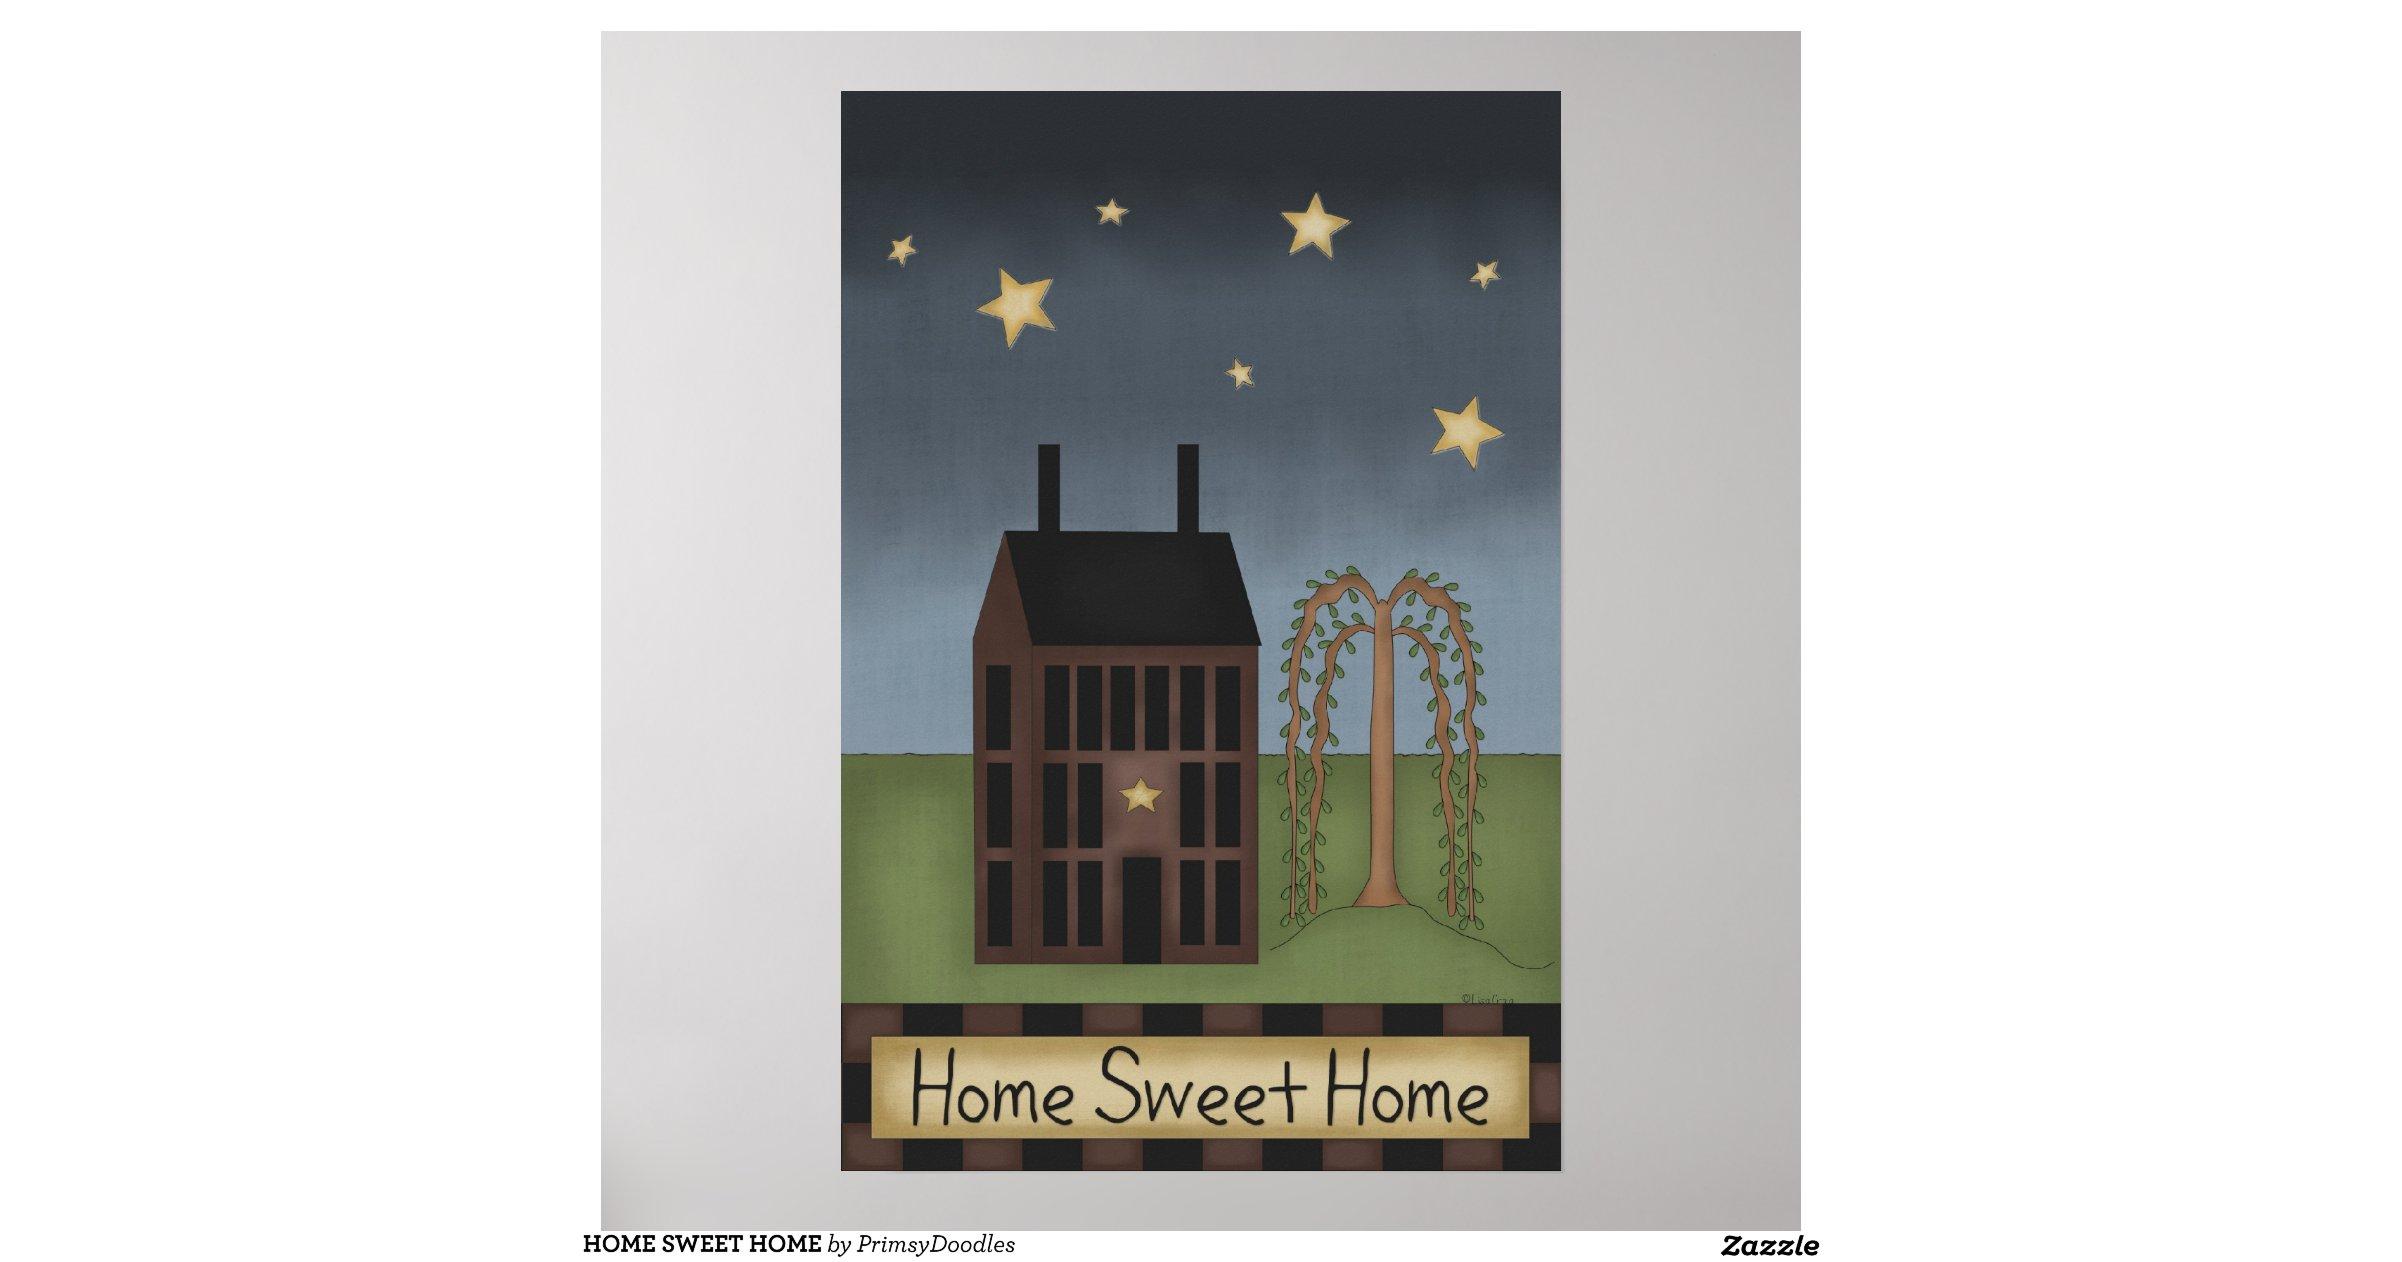 home sweet home poster r581afe3afdac4717bad320c43860327c wi7 8byvr. Black Bedroom Furniture Sets. Home Design Ideas